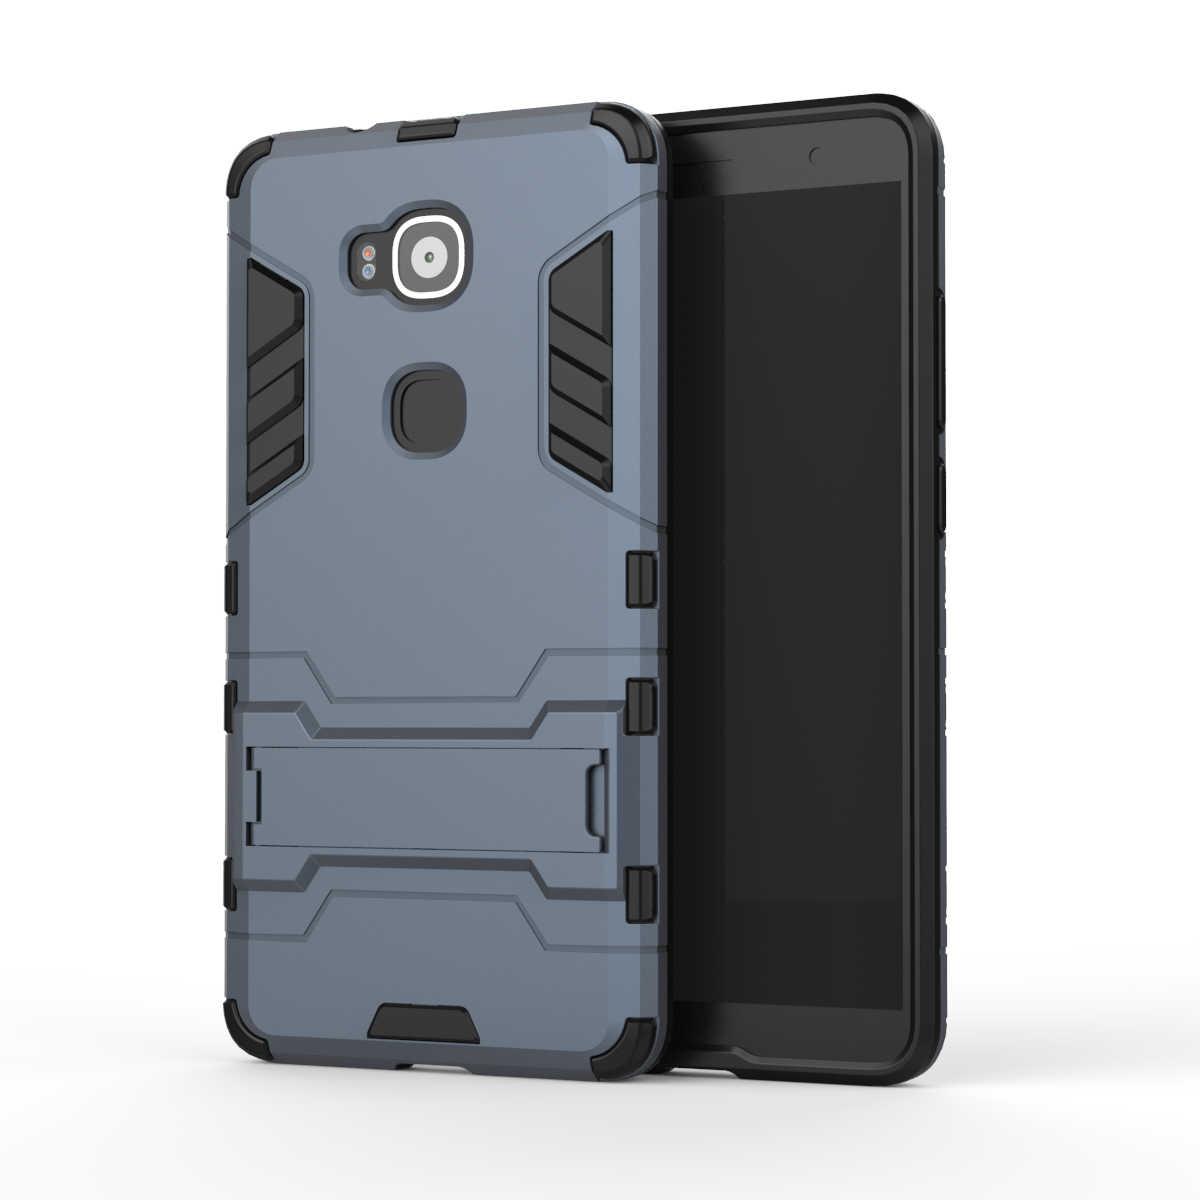 Per Huawei Caso G8 GX8 Heavy Armor Duty Ibrida Dura Molle robusta Gomma di Silicone Copertura Del Telefono Per Ascend G8 G7 Plus con Stand (<